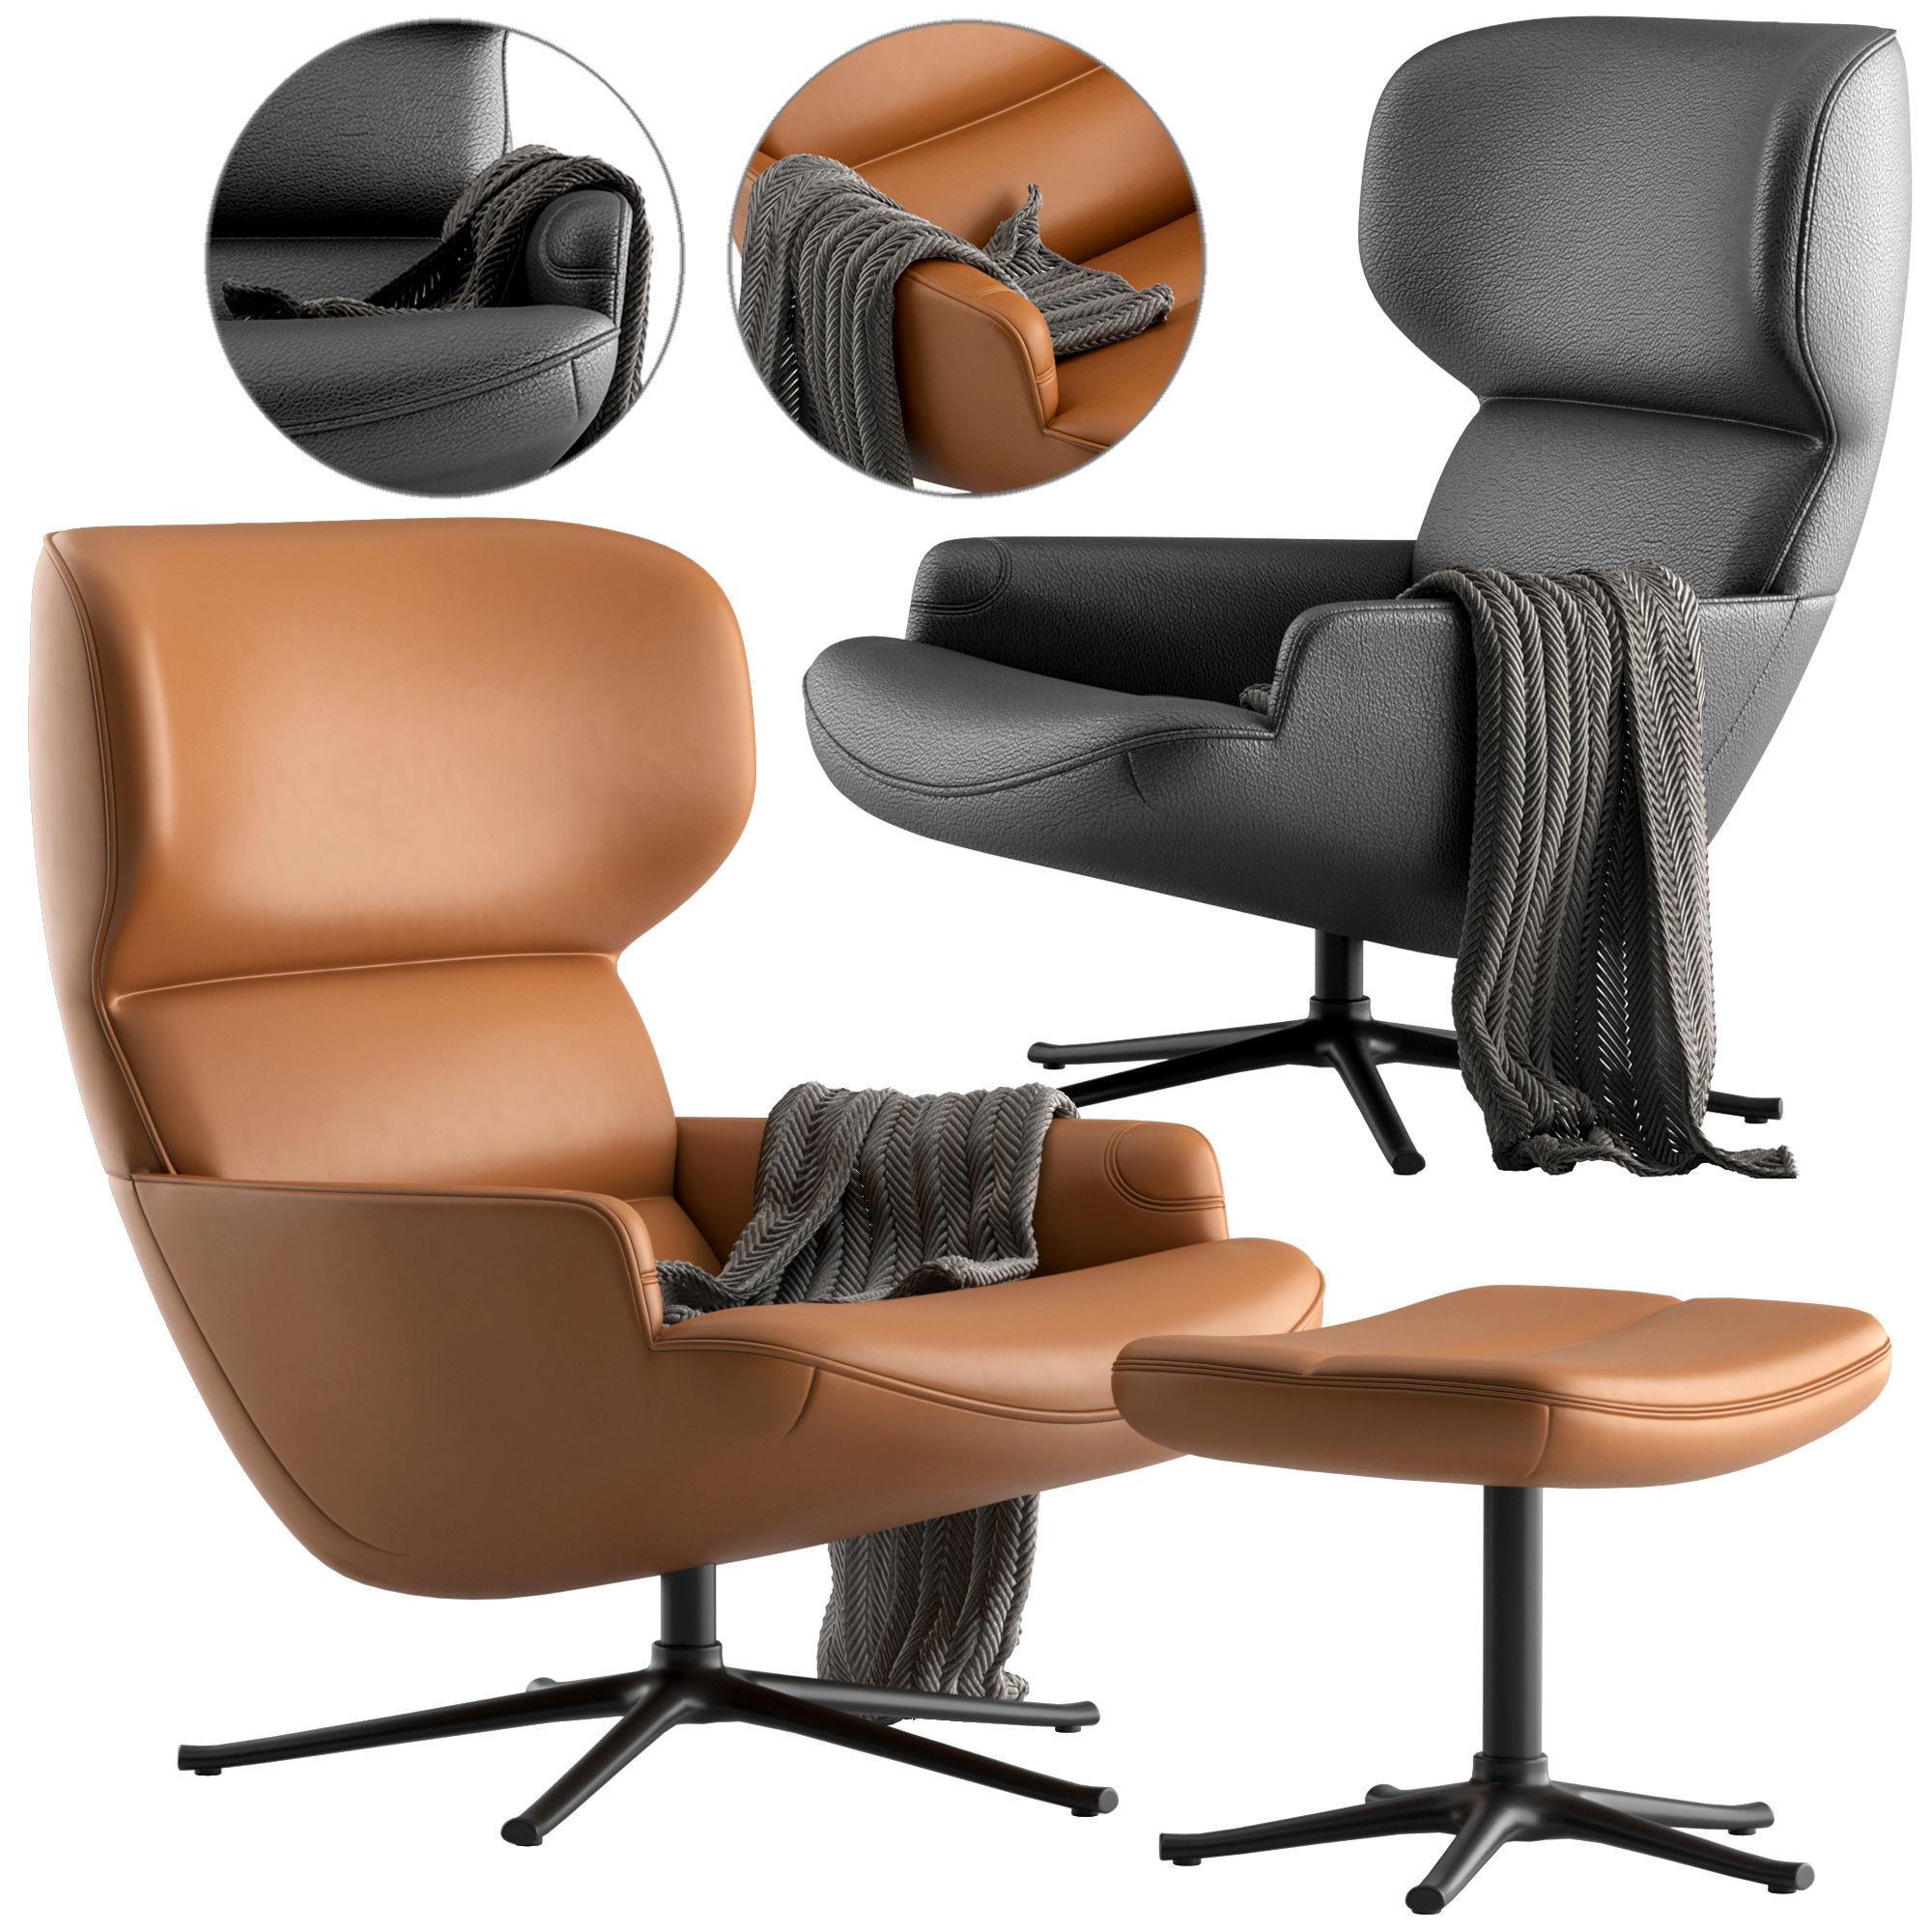 Boconcept-Trento chair